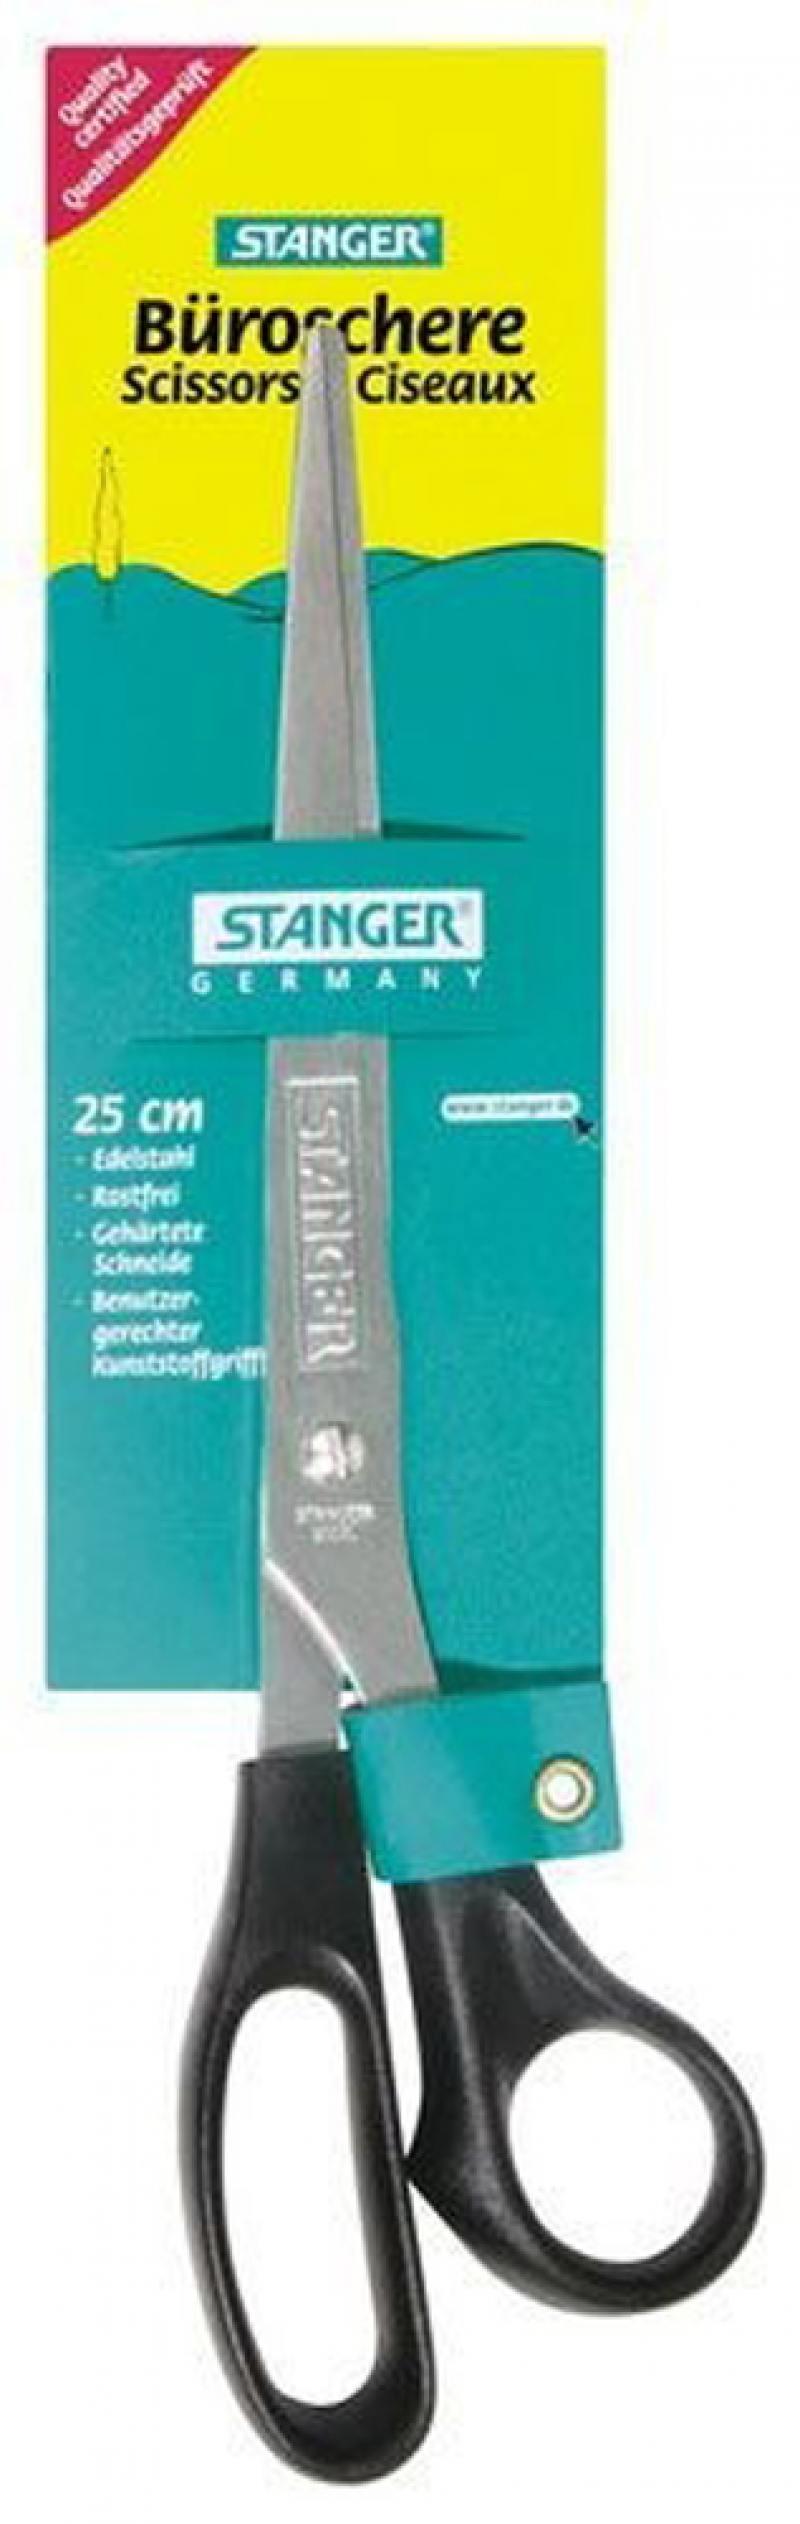 Ножницы, 25,5 см, с европодвесом 34100 ножницы stanger 34103 12 5 см